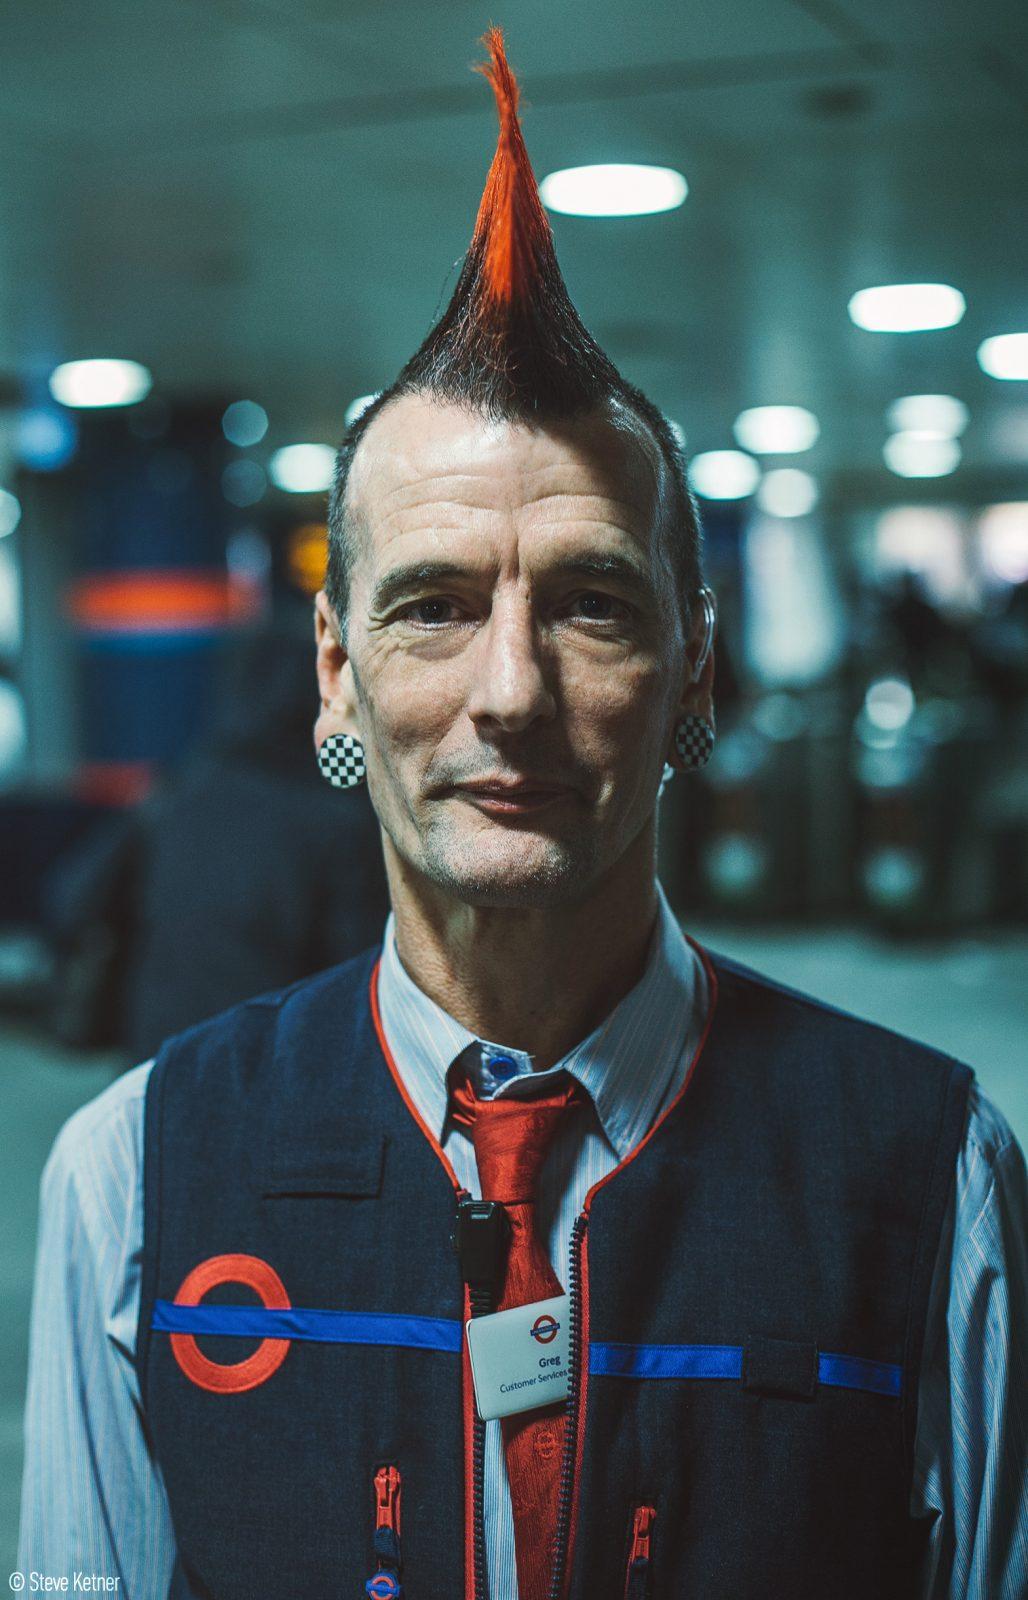 Steve Ketner - London Underground (TfL) for Punk London festival 2016